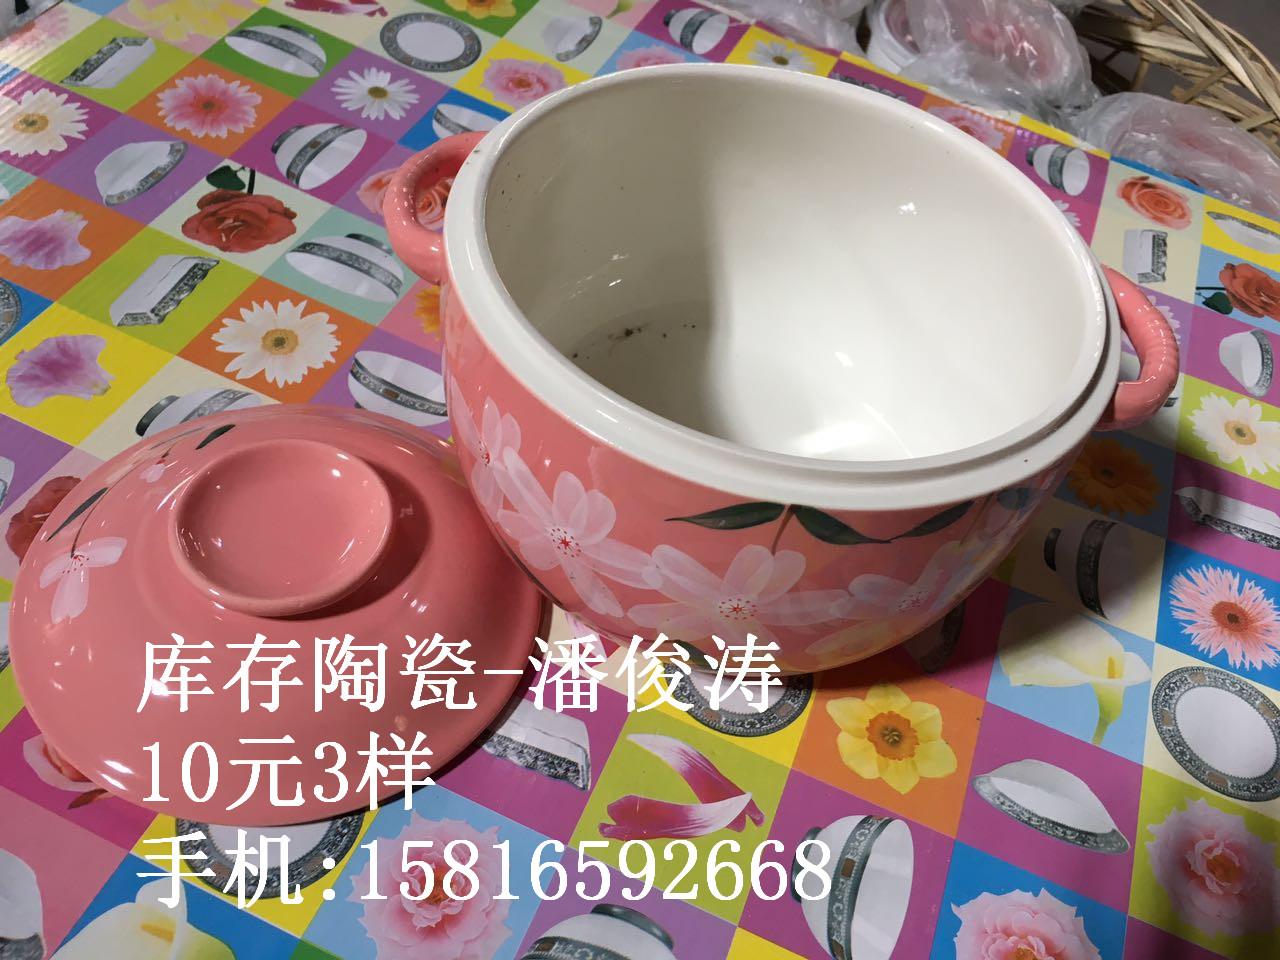 山东地摊陶瓷杂货 双耳防烫大汤碗